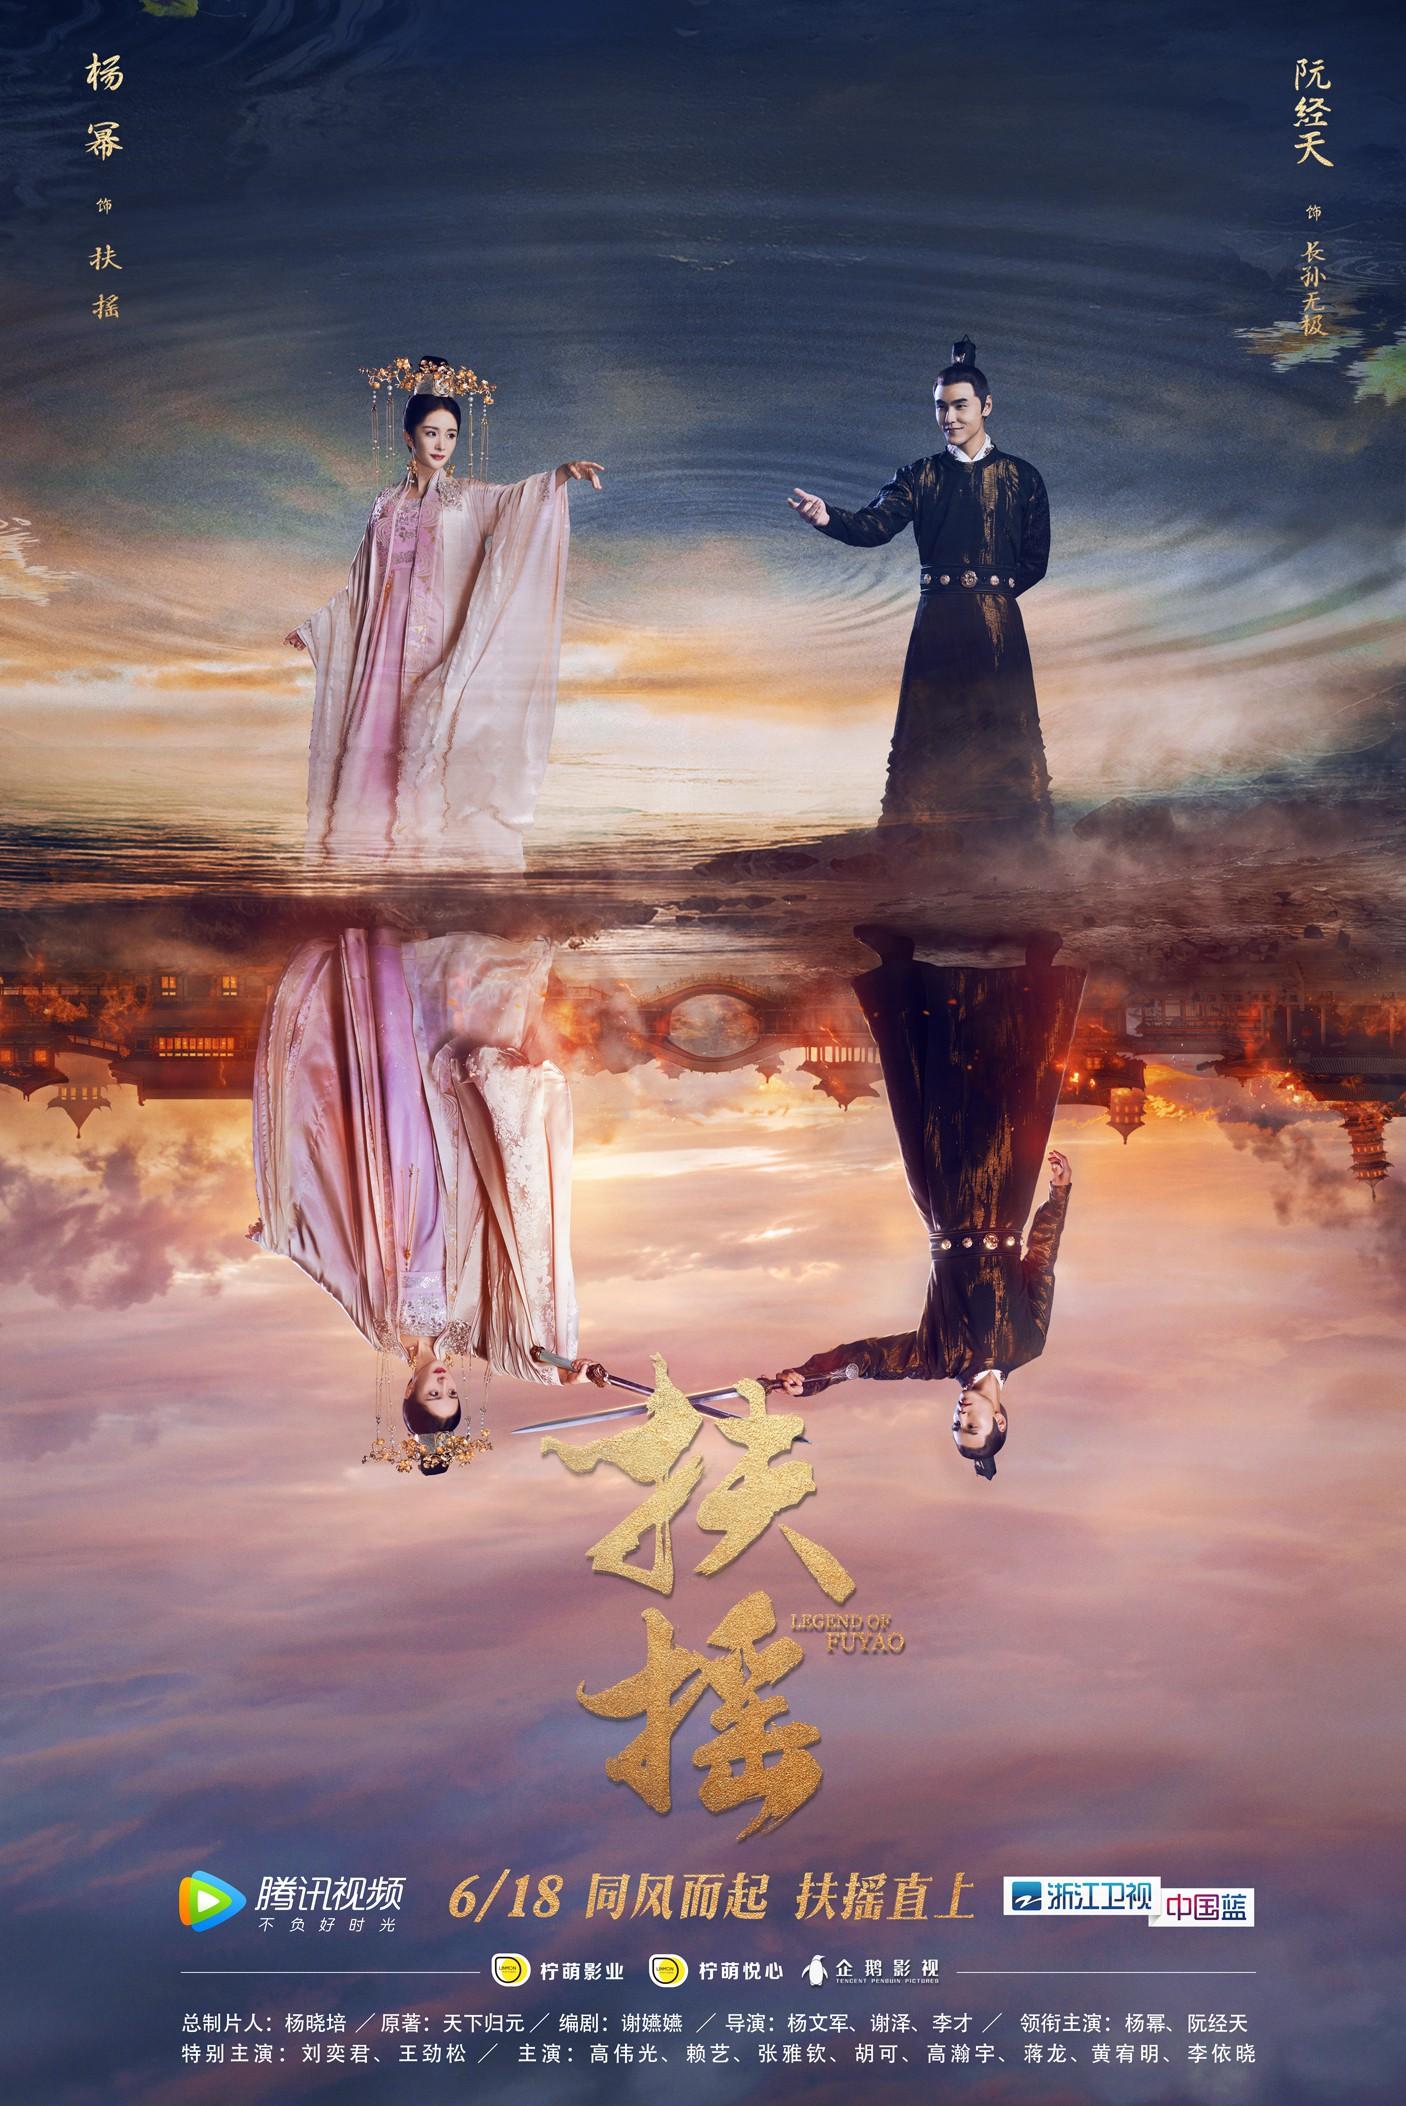 4 lý do để mong chờ Phù Dao: Phim cổ trang hấp dẫn nhất từ đầu năm đến nay - Ảnh 7.